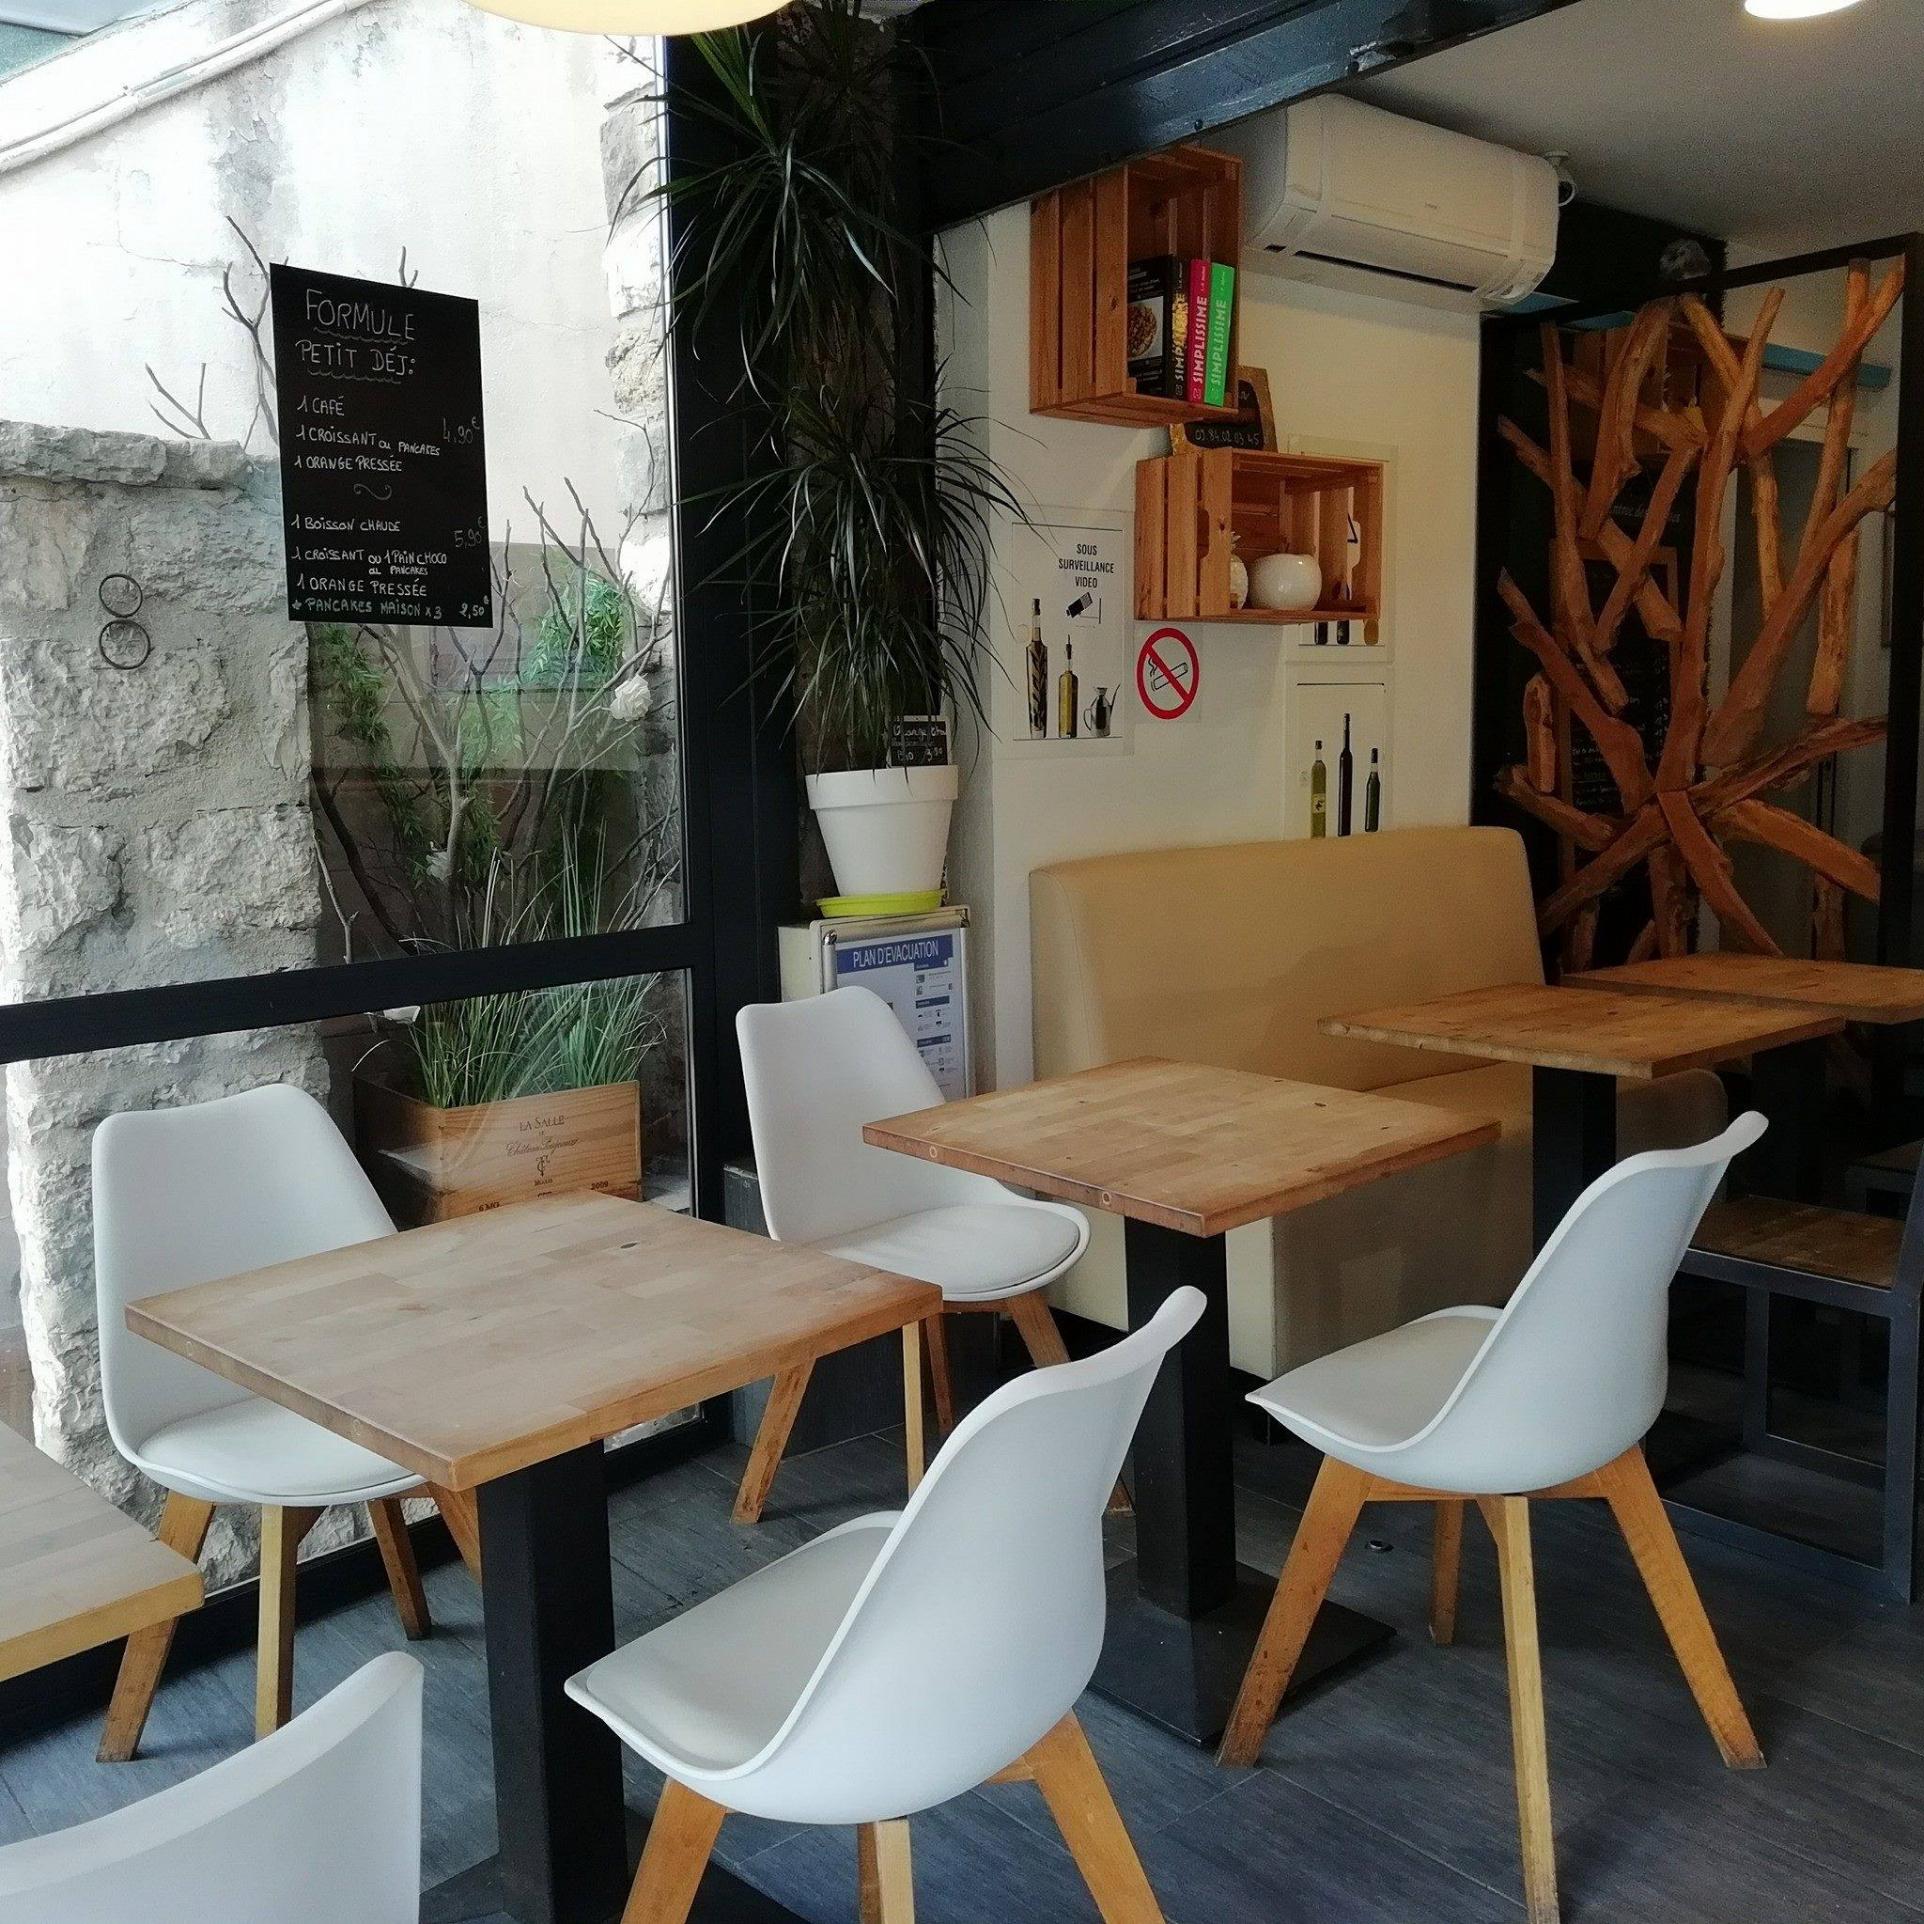 Top affaire de café /brasserie en tous points sur nouvel emplacement numéro 1 Cannes Ouest  - Bar Brasserie